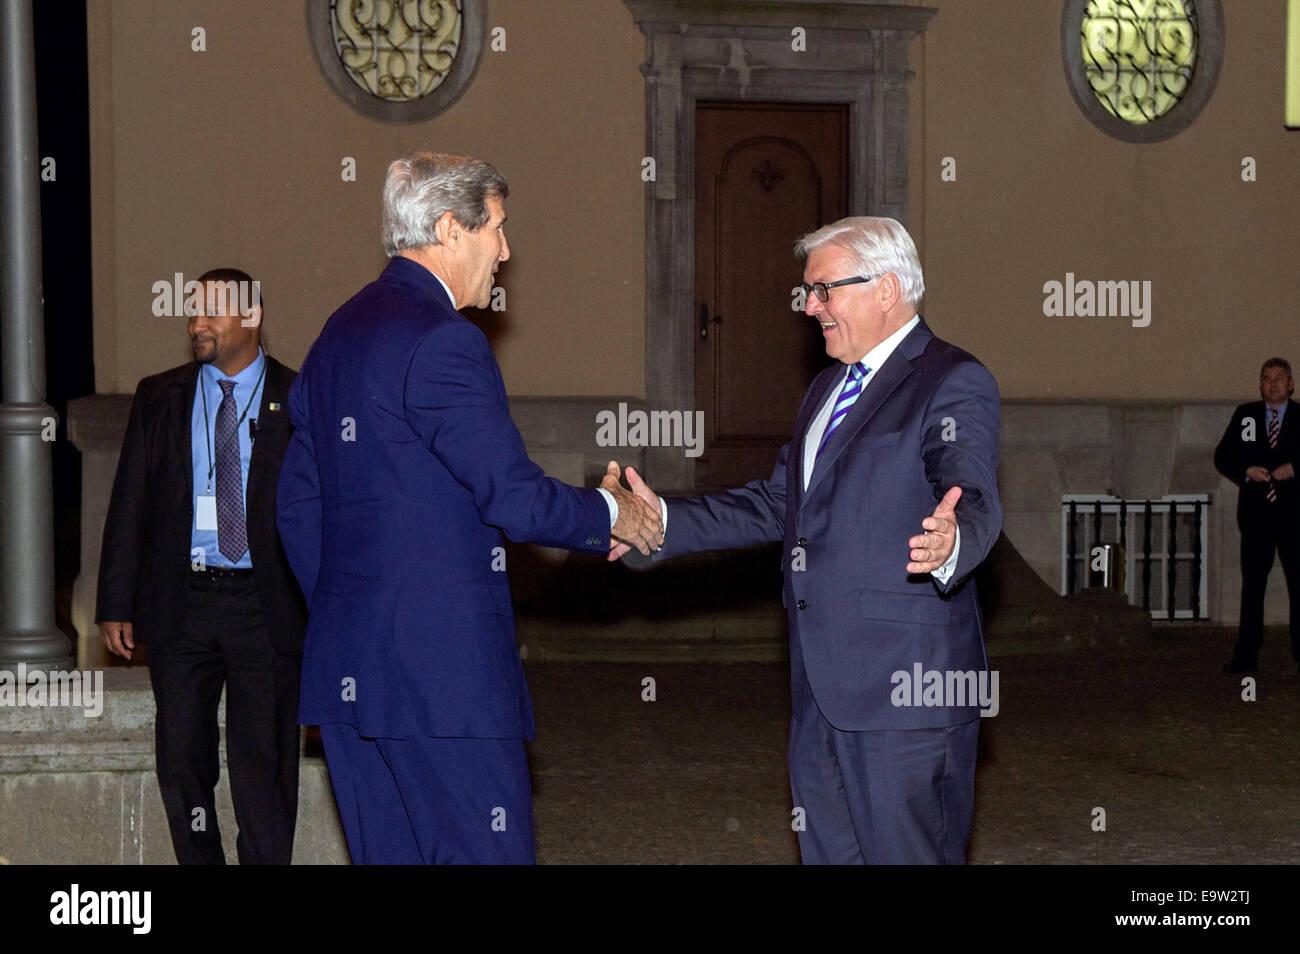 El Ministro de Relaciones Exteriores alemán, Frank-Walter Steinmeier celebra el Secretario de Estado de Estados Unidos, John Kerry a Villa Borsig, el Ministerio de Asuntos Exteriores alemán Foto de stock